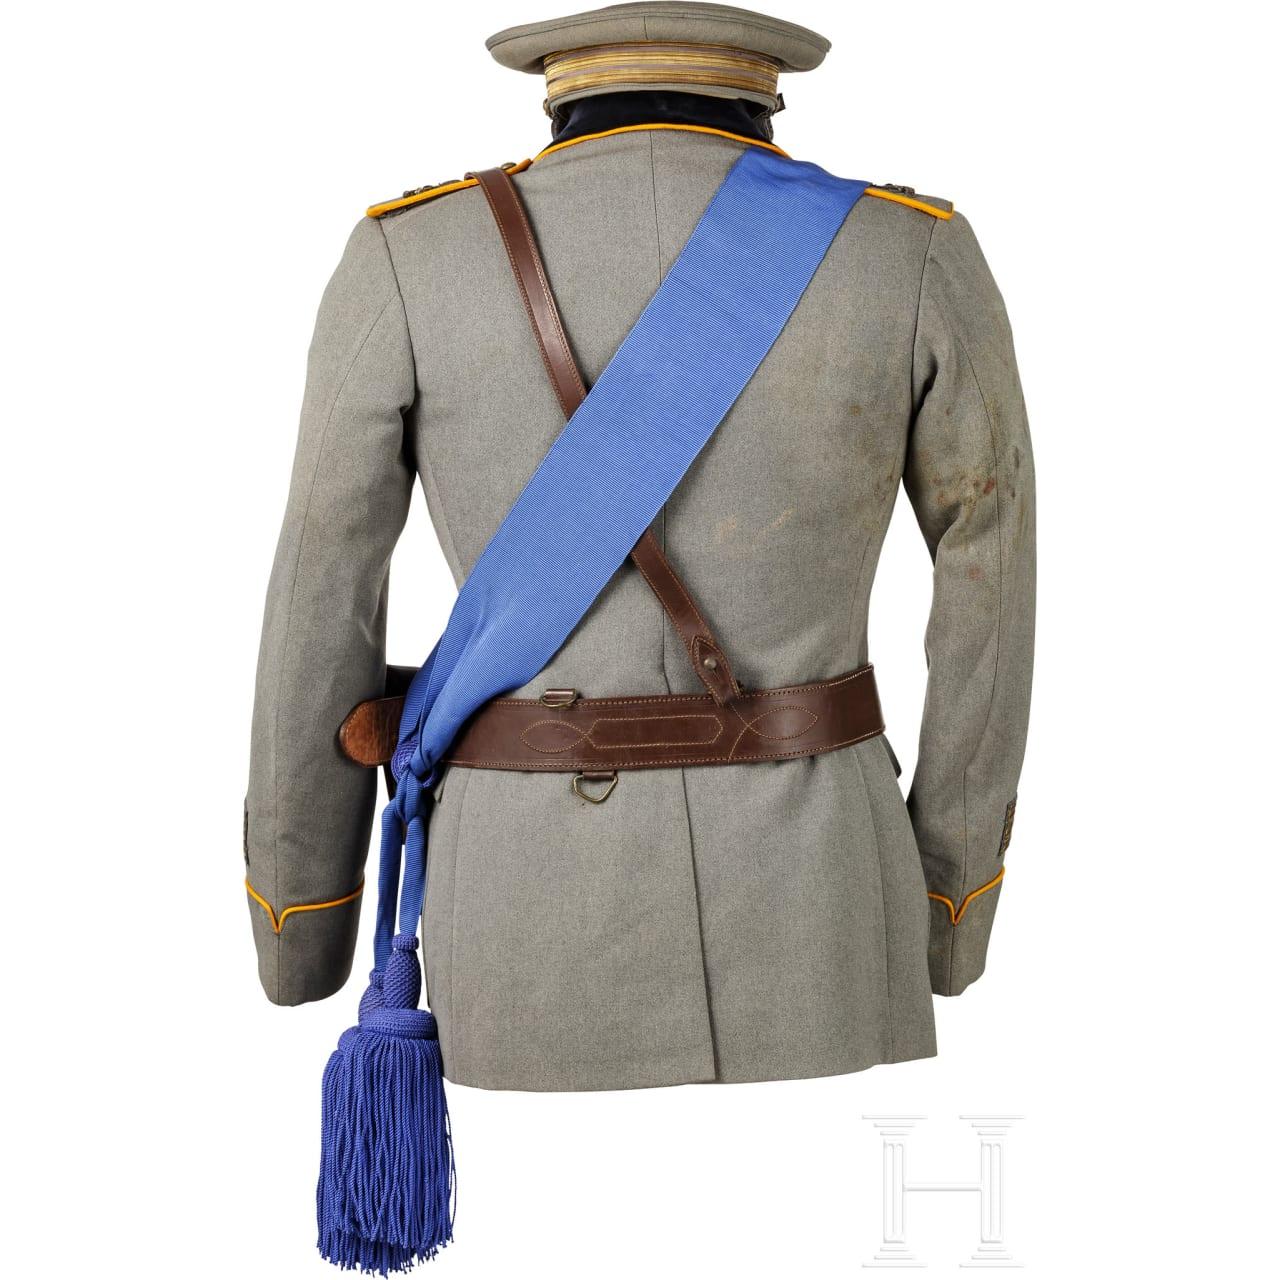 Uniform eines Hauptmanns der Artillerie im 2. Weltkrieg